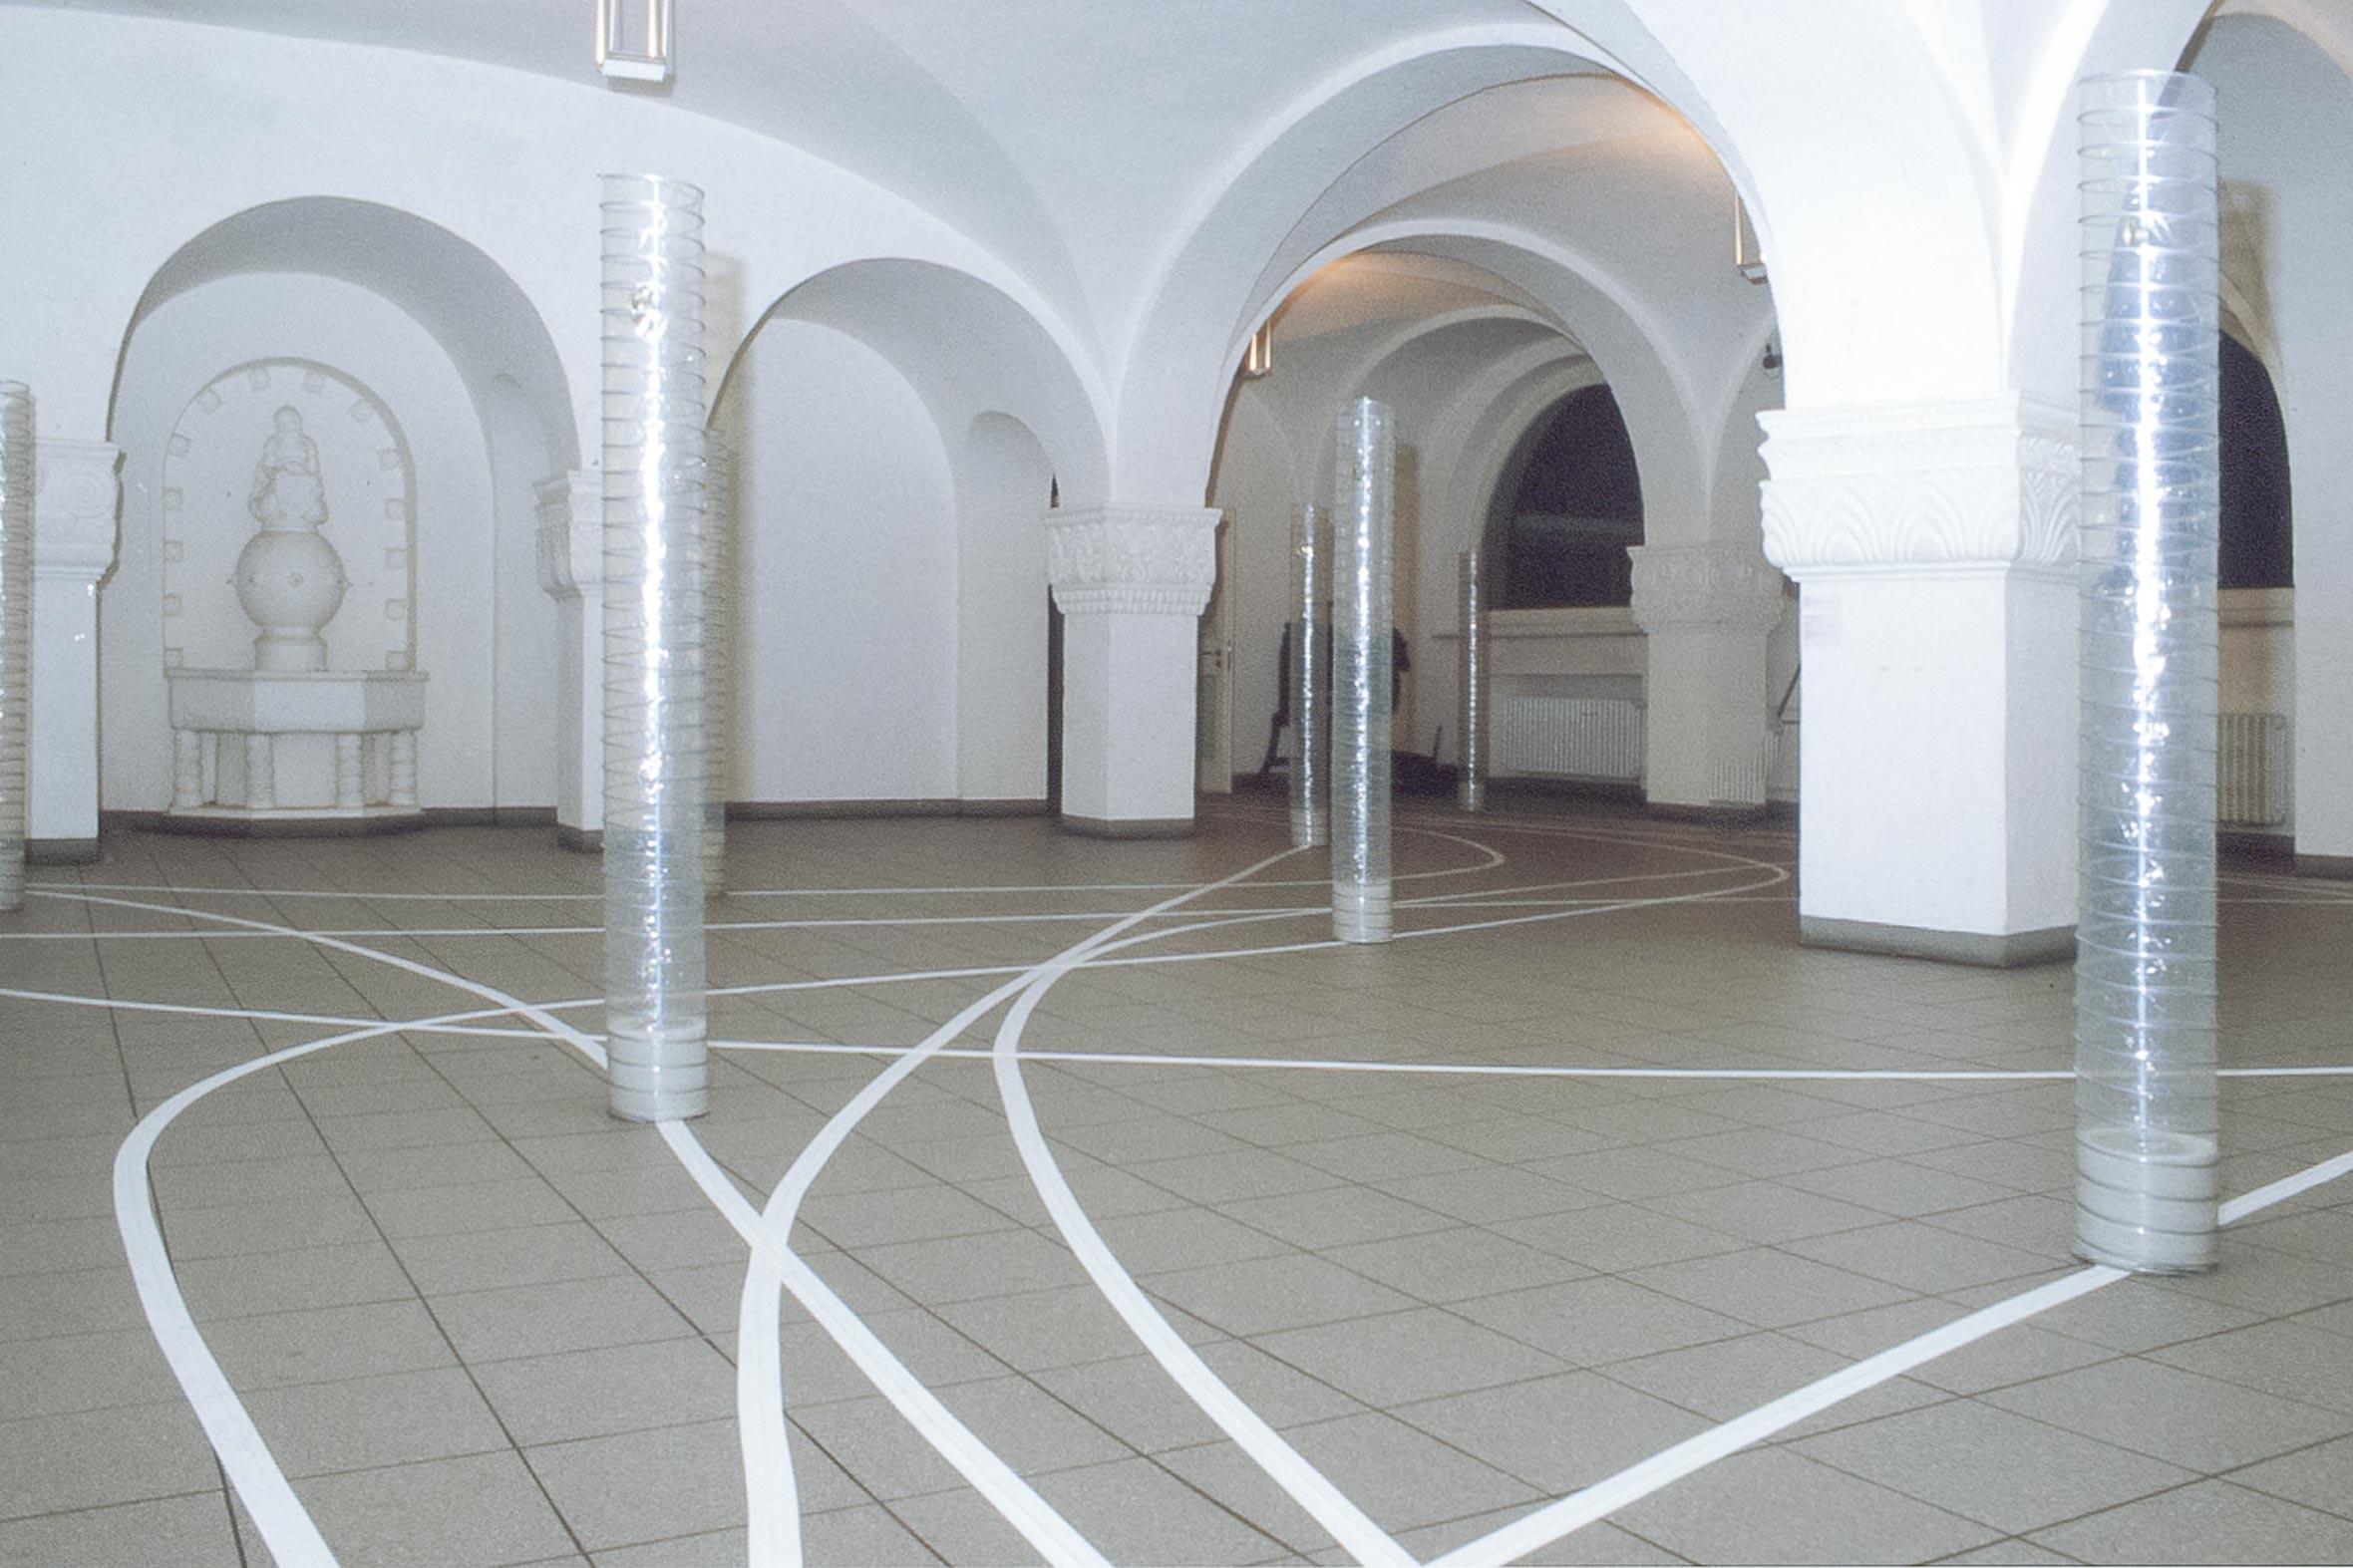 Tonia Bürkle (blaugrau): Raum Figur Weg für Hochschule für Gestaltung OffenbachRaum Figur Weg 1